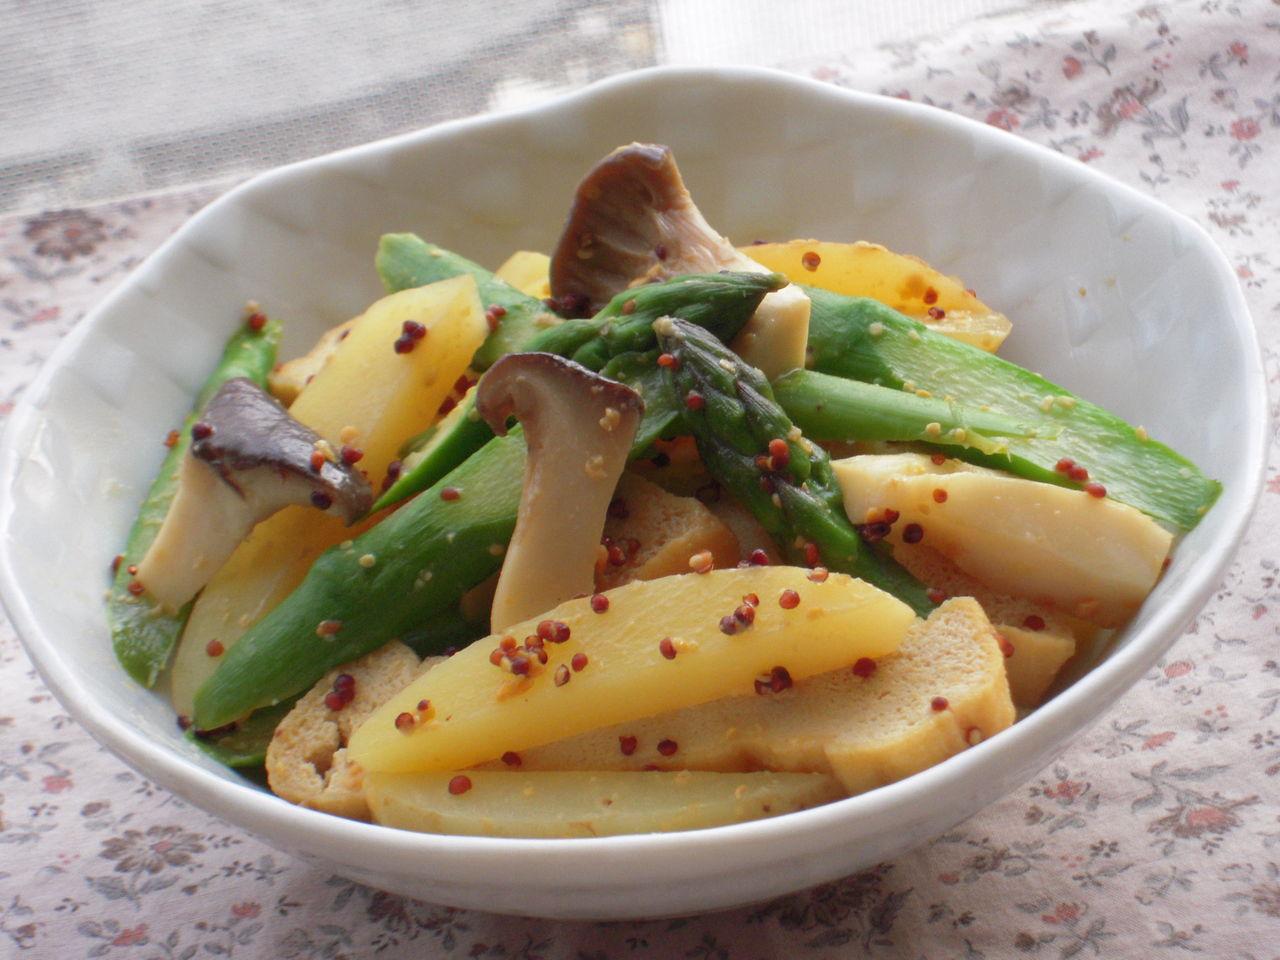 最高の食感!いろいろ使えるエリンギの人気レシピ教えちゃいます♪のサムネイル画像